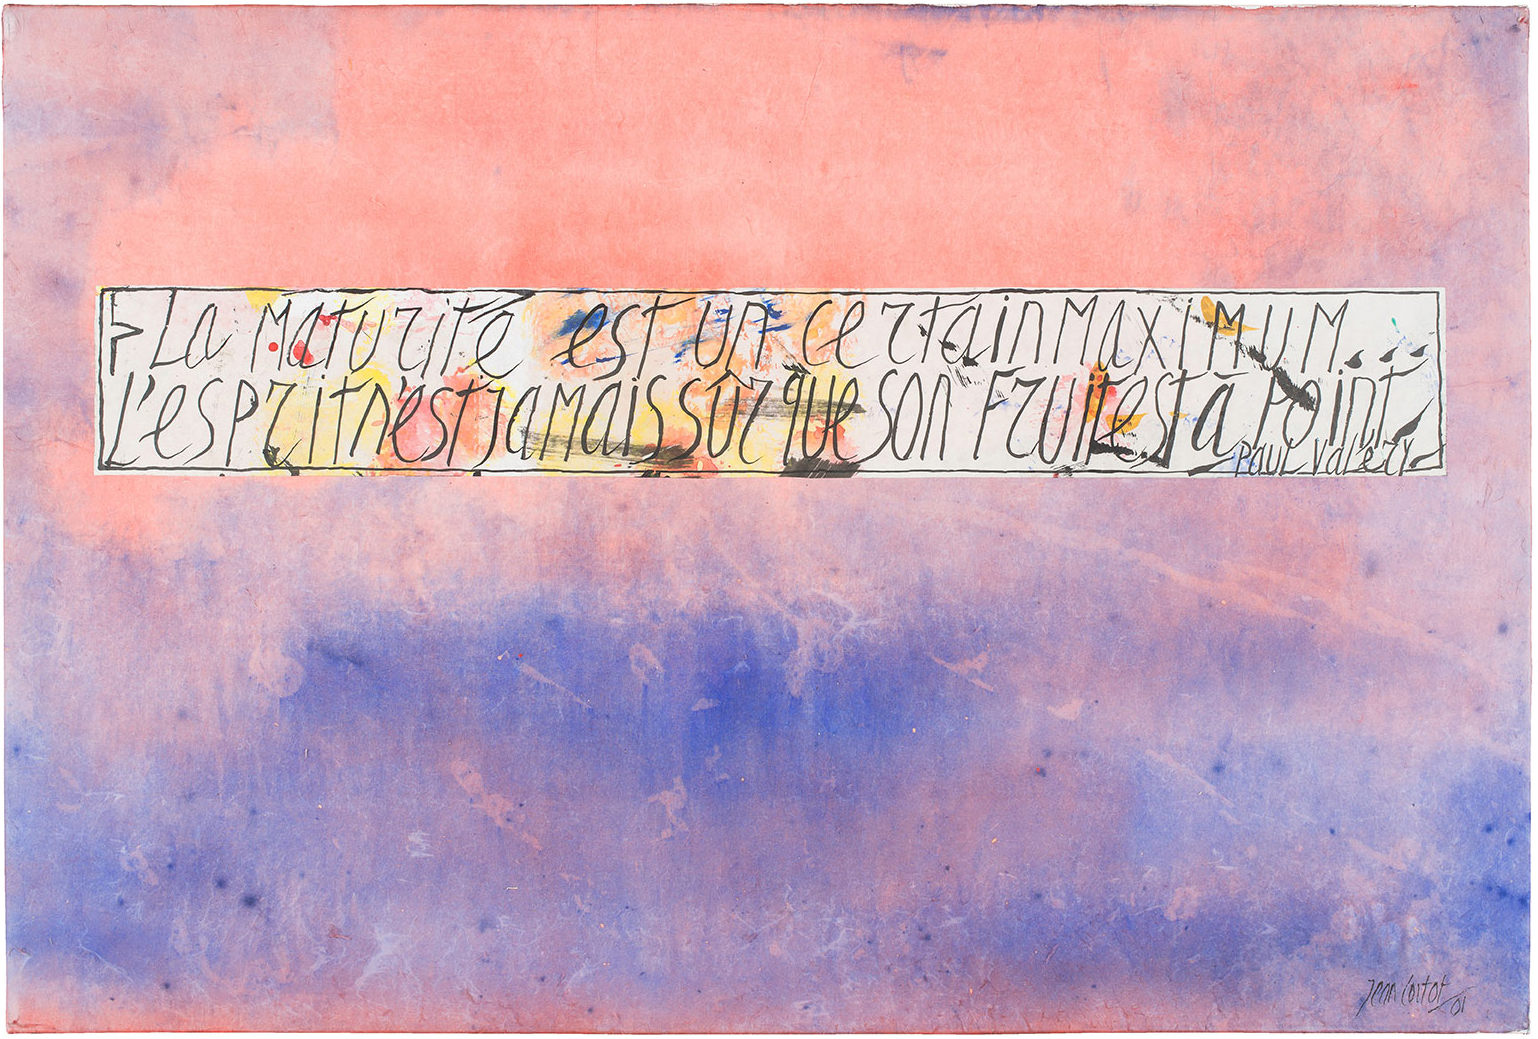 jean cortot - painting la maturite est un certain l esprit n est jamais sur que son fruit est a point 2001